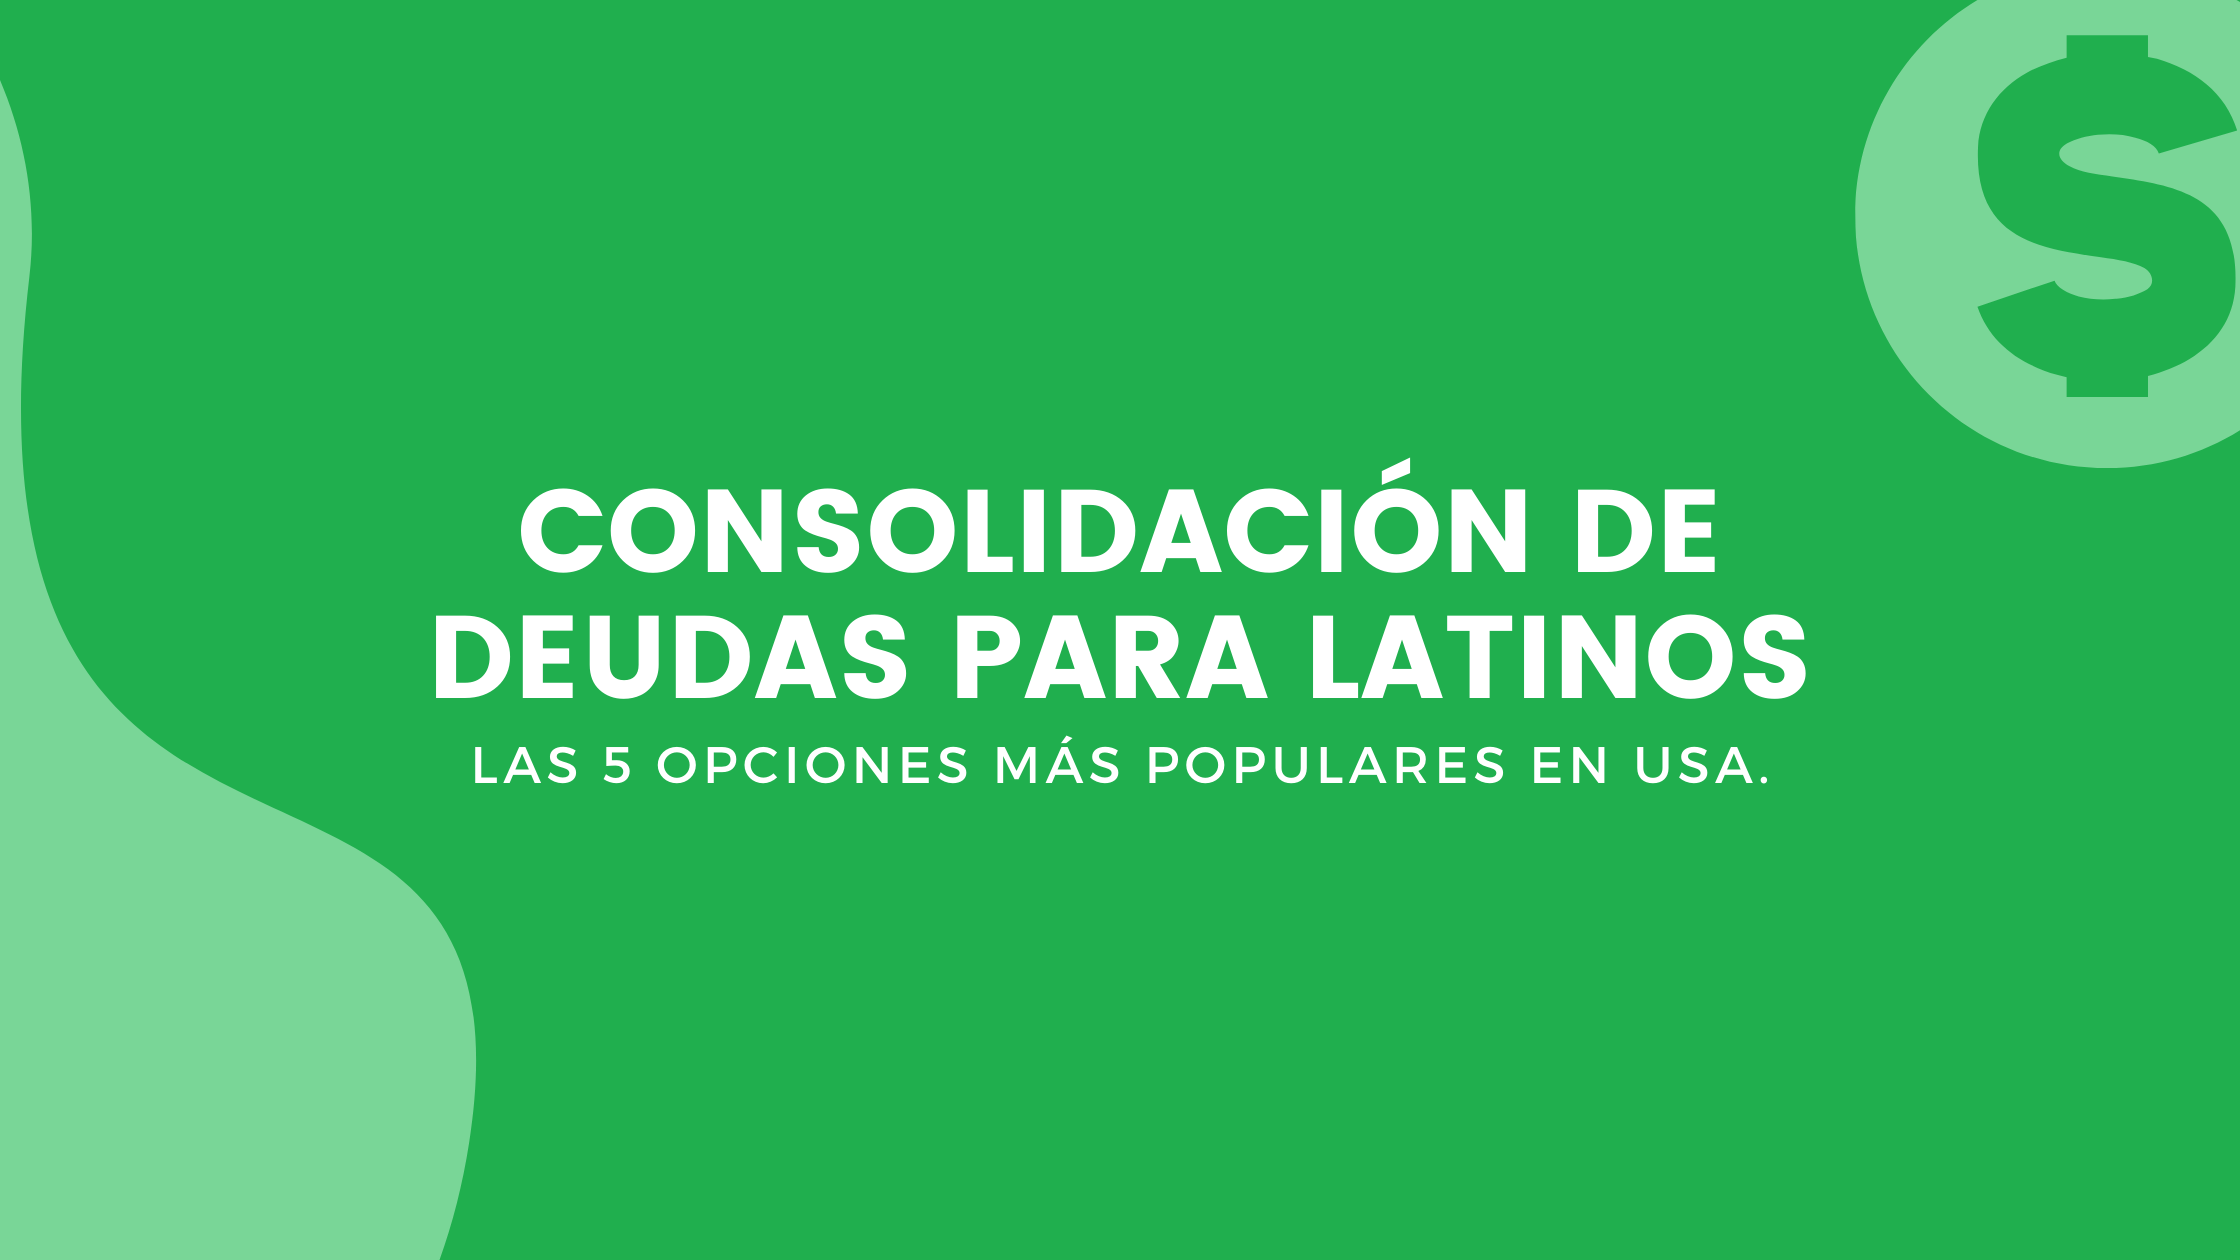 Consolidacion de deudas para latinos